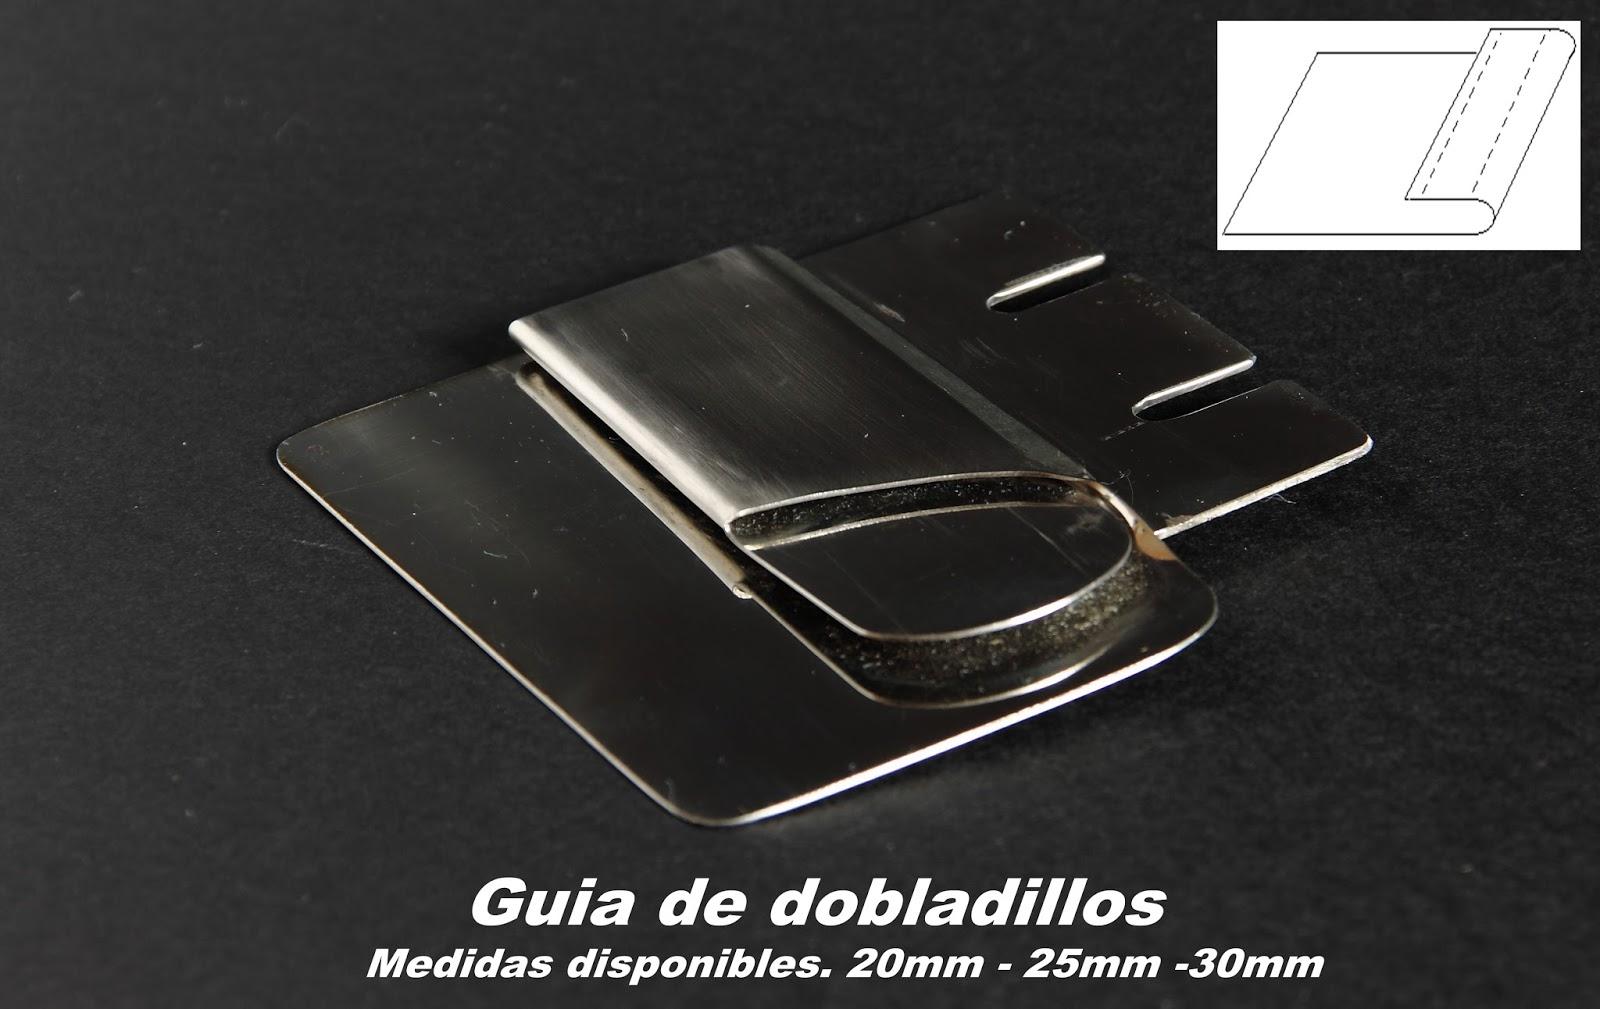 Guias para toldos awesome puedes utilizar las flechas del for Guia aluminio para toldo